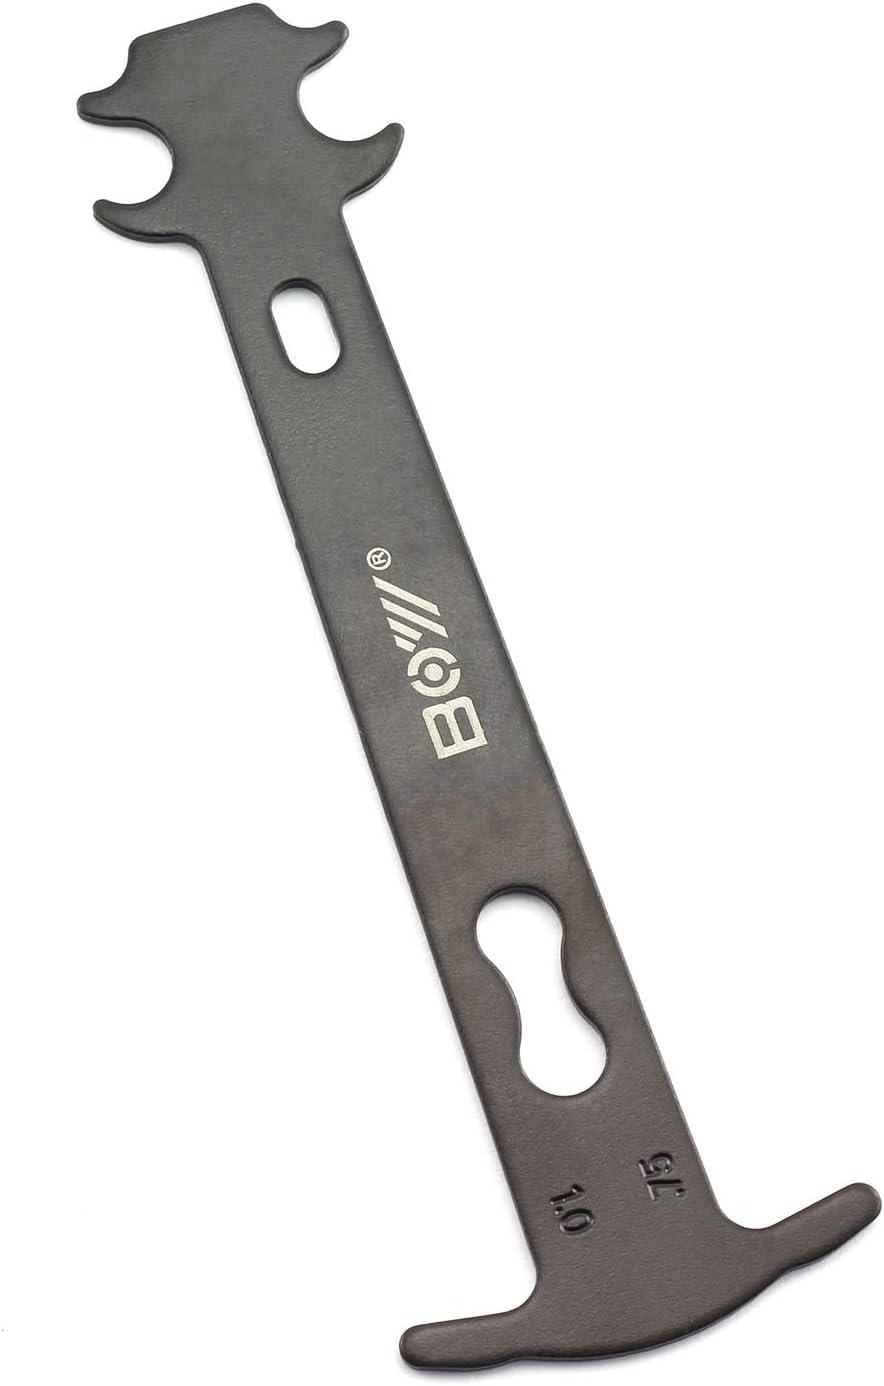 6 In 1 Chain Measuring Device Mountain Bike Road Bike Gauge Tool Wear Gauge Z2R0